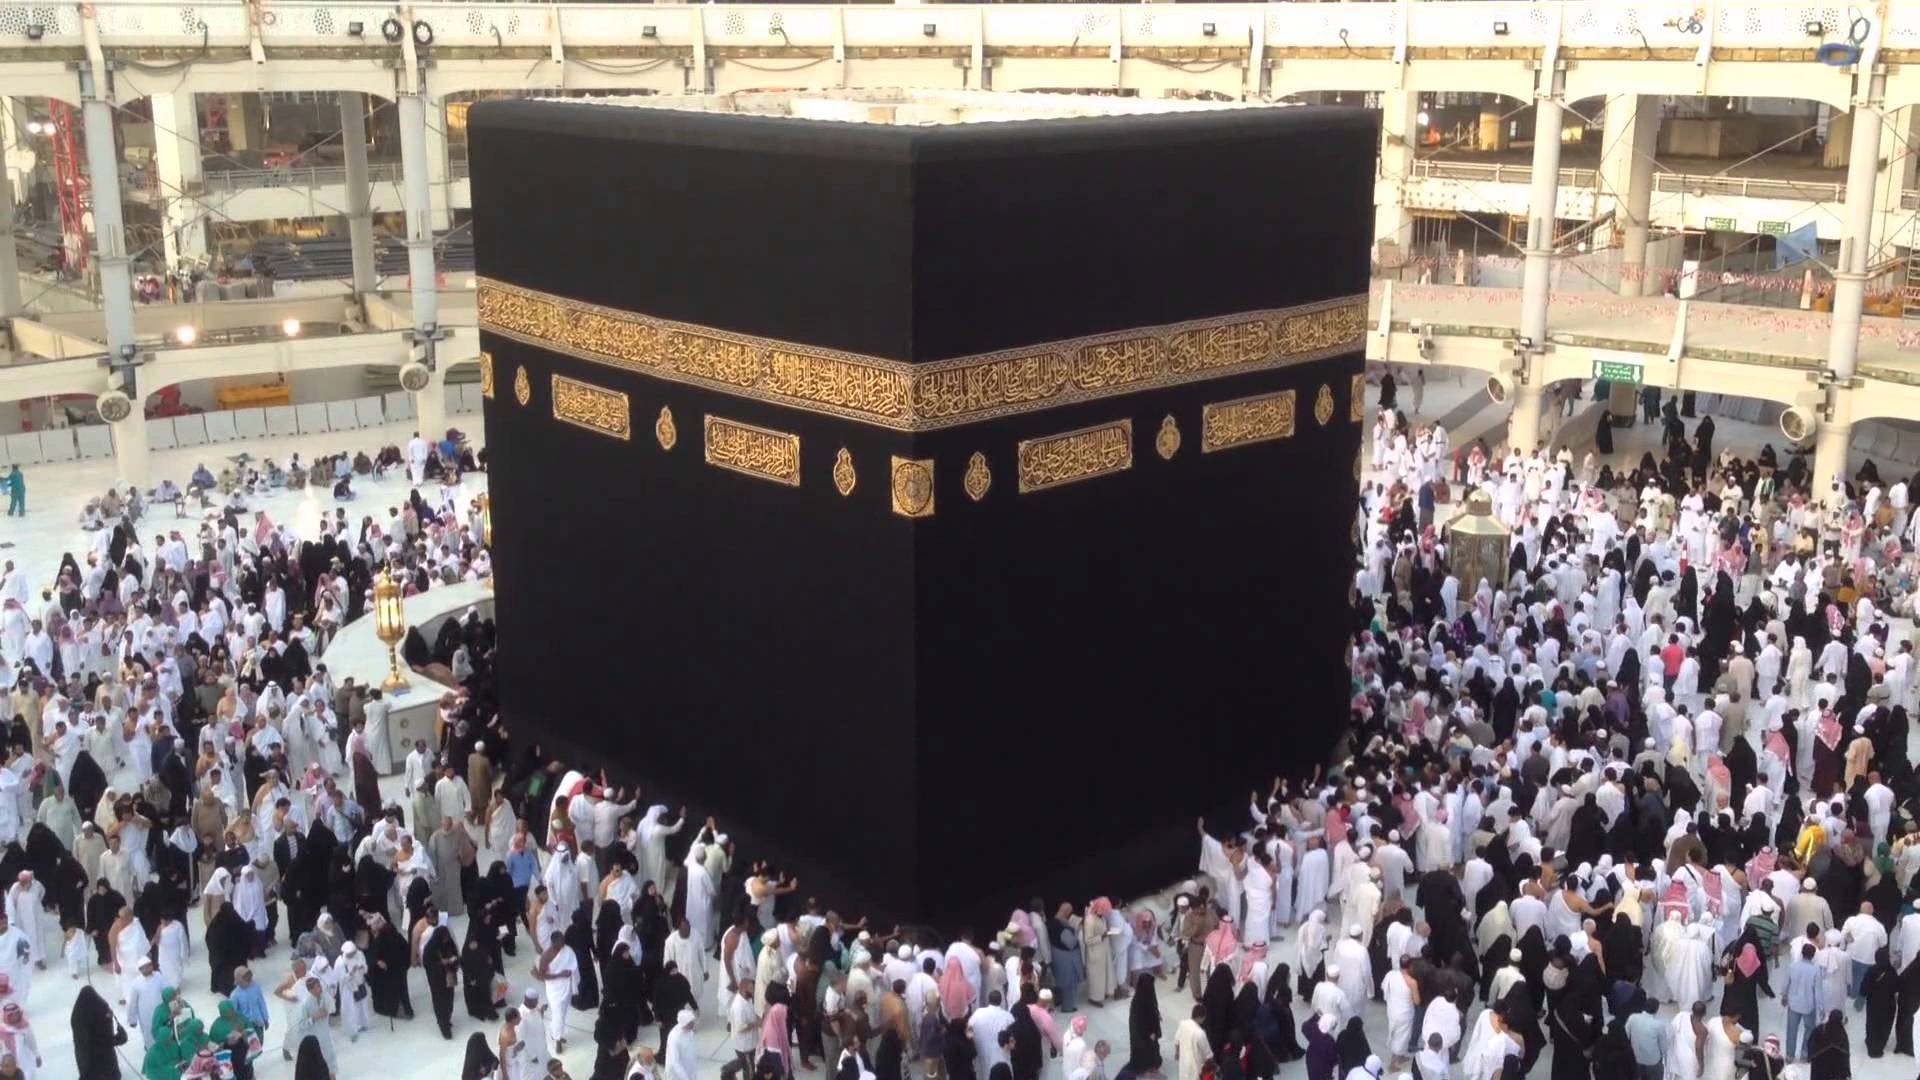 بالصور صور الكعبة المشرفة , بيت الله الحرام ما اروعة من مكان 2000